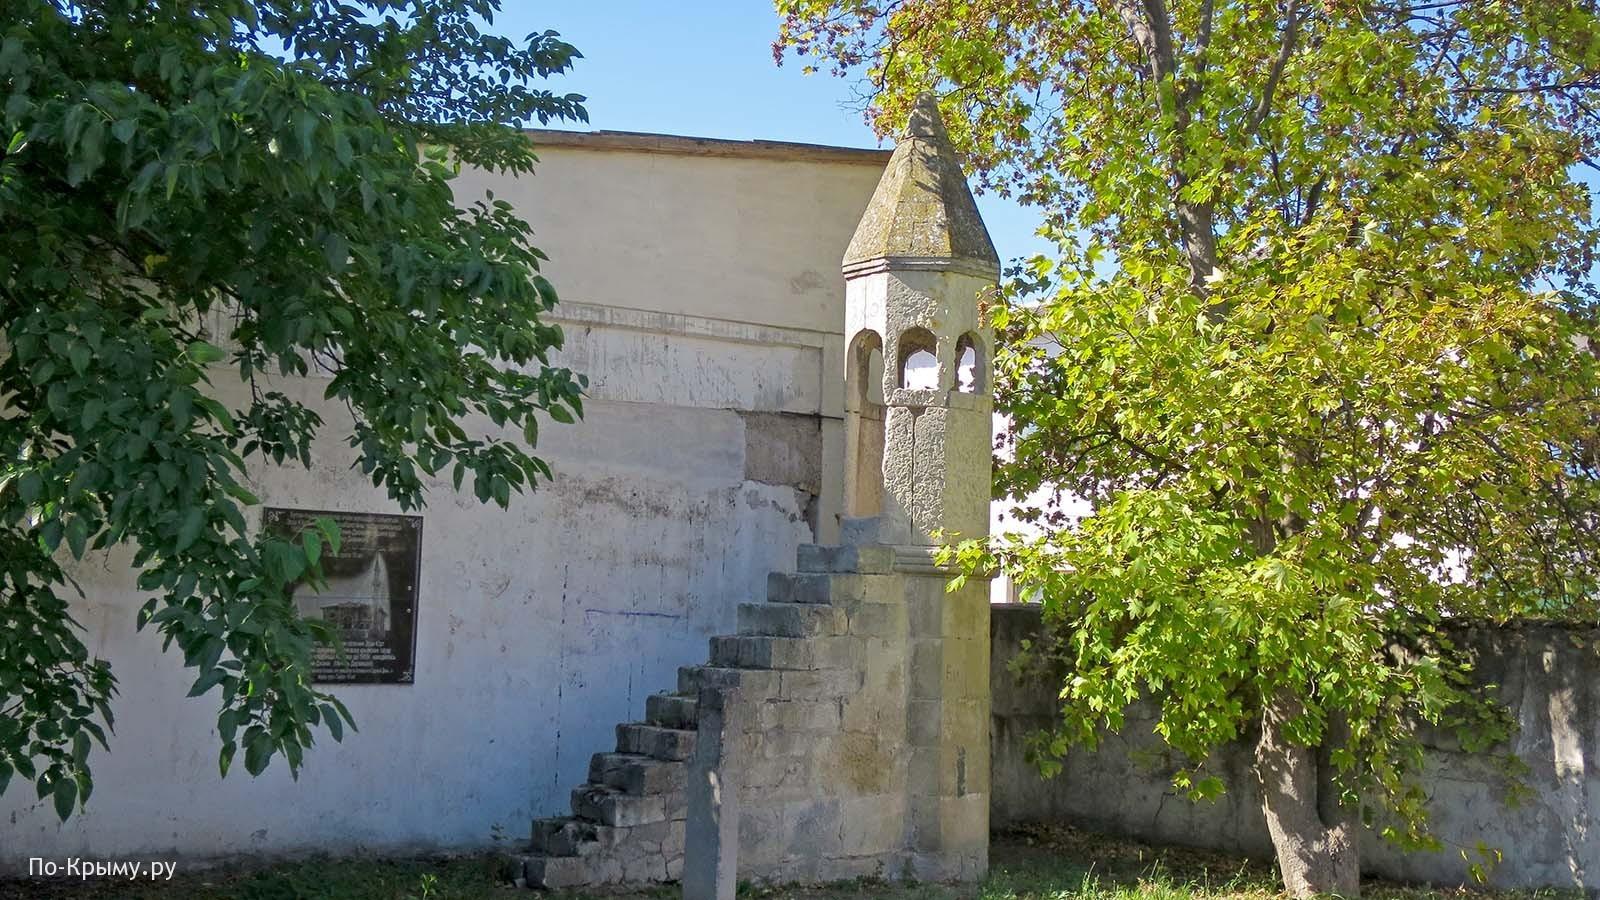 Мусульманское кладбище Азизлер в Бахчисарае, минбер